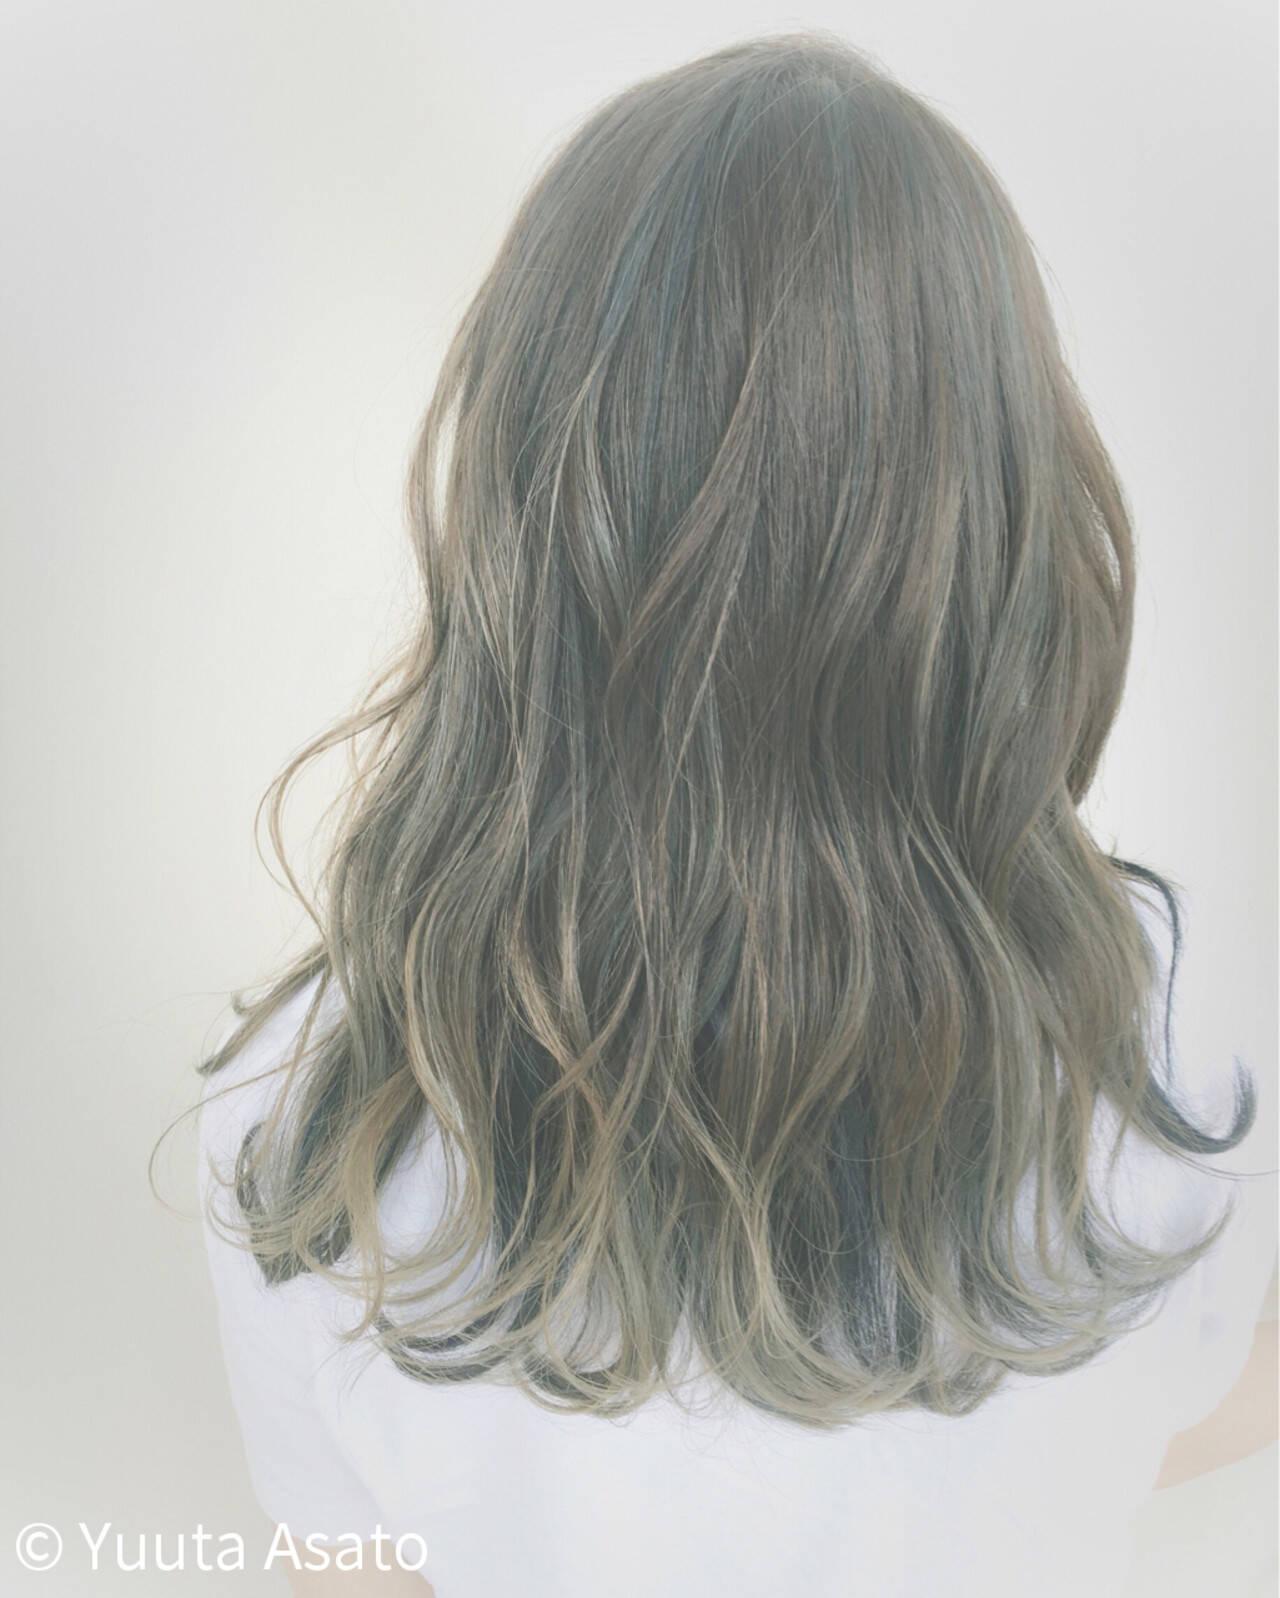 ストリート ブルージュ セミロング ブルーヘアスタイルや髪型の写真・画像